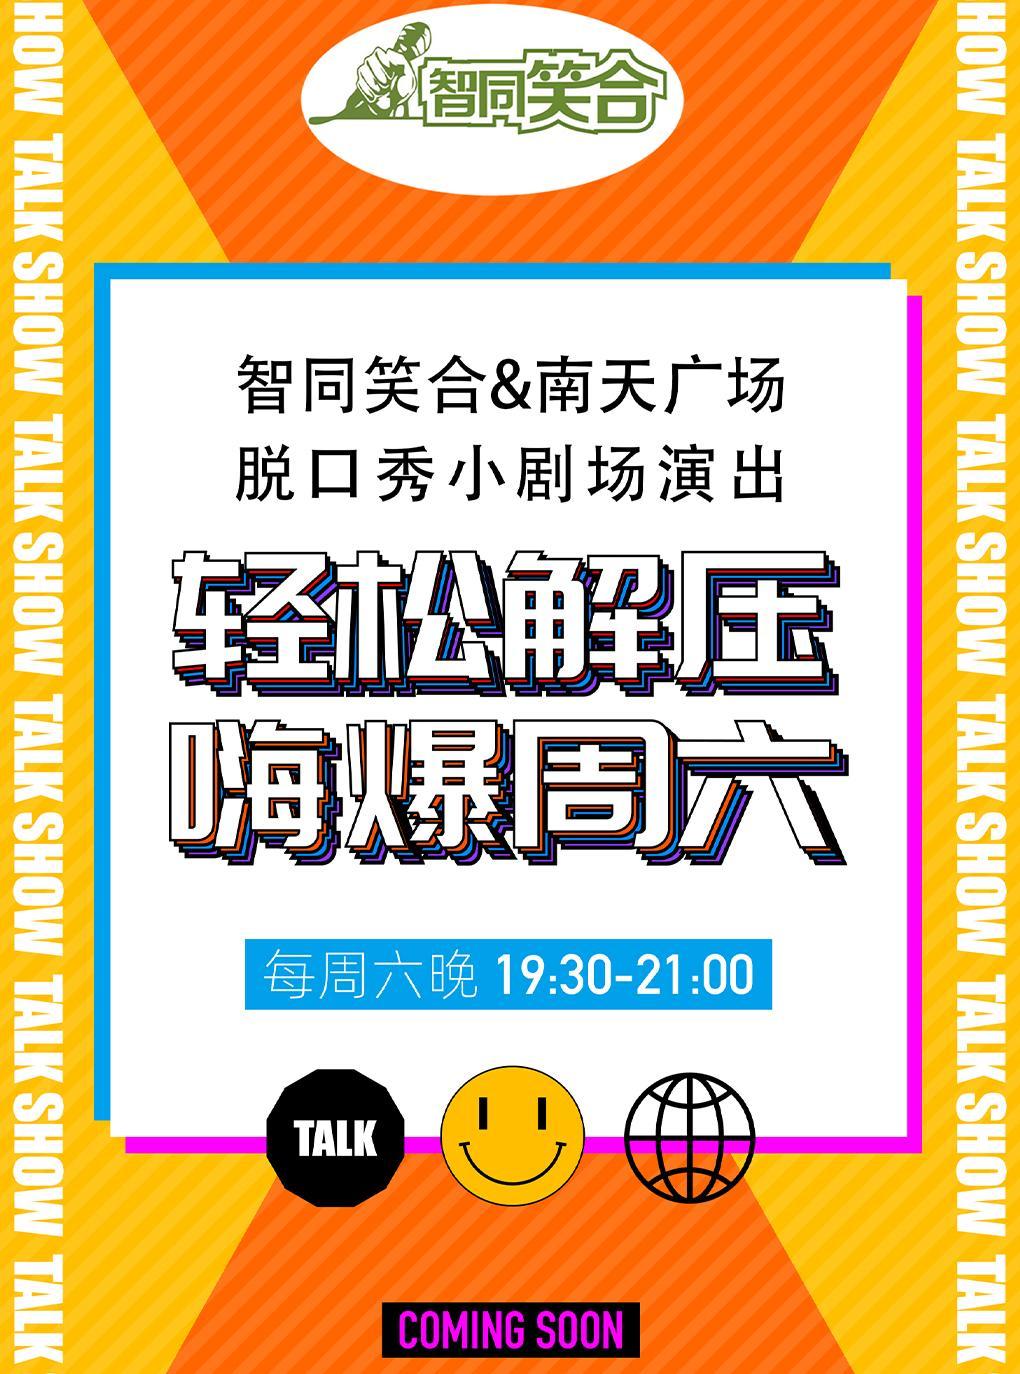 【广州站】智同笑合再见不开心周六小剧场